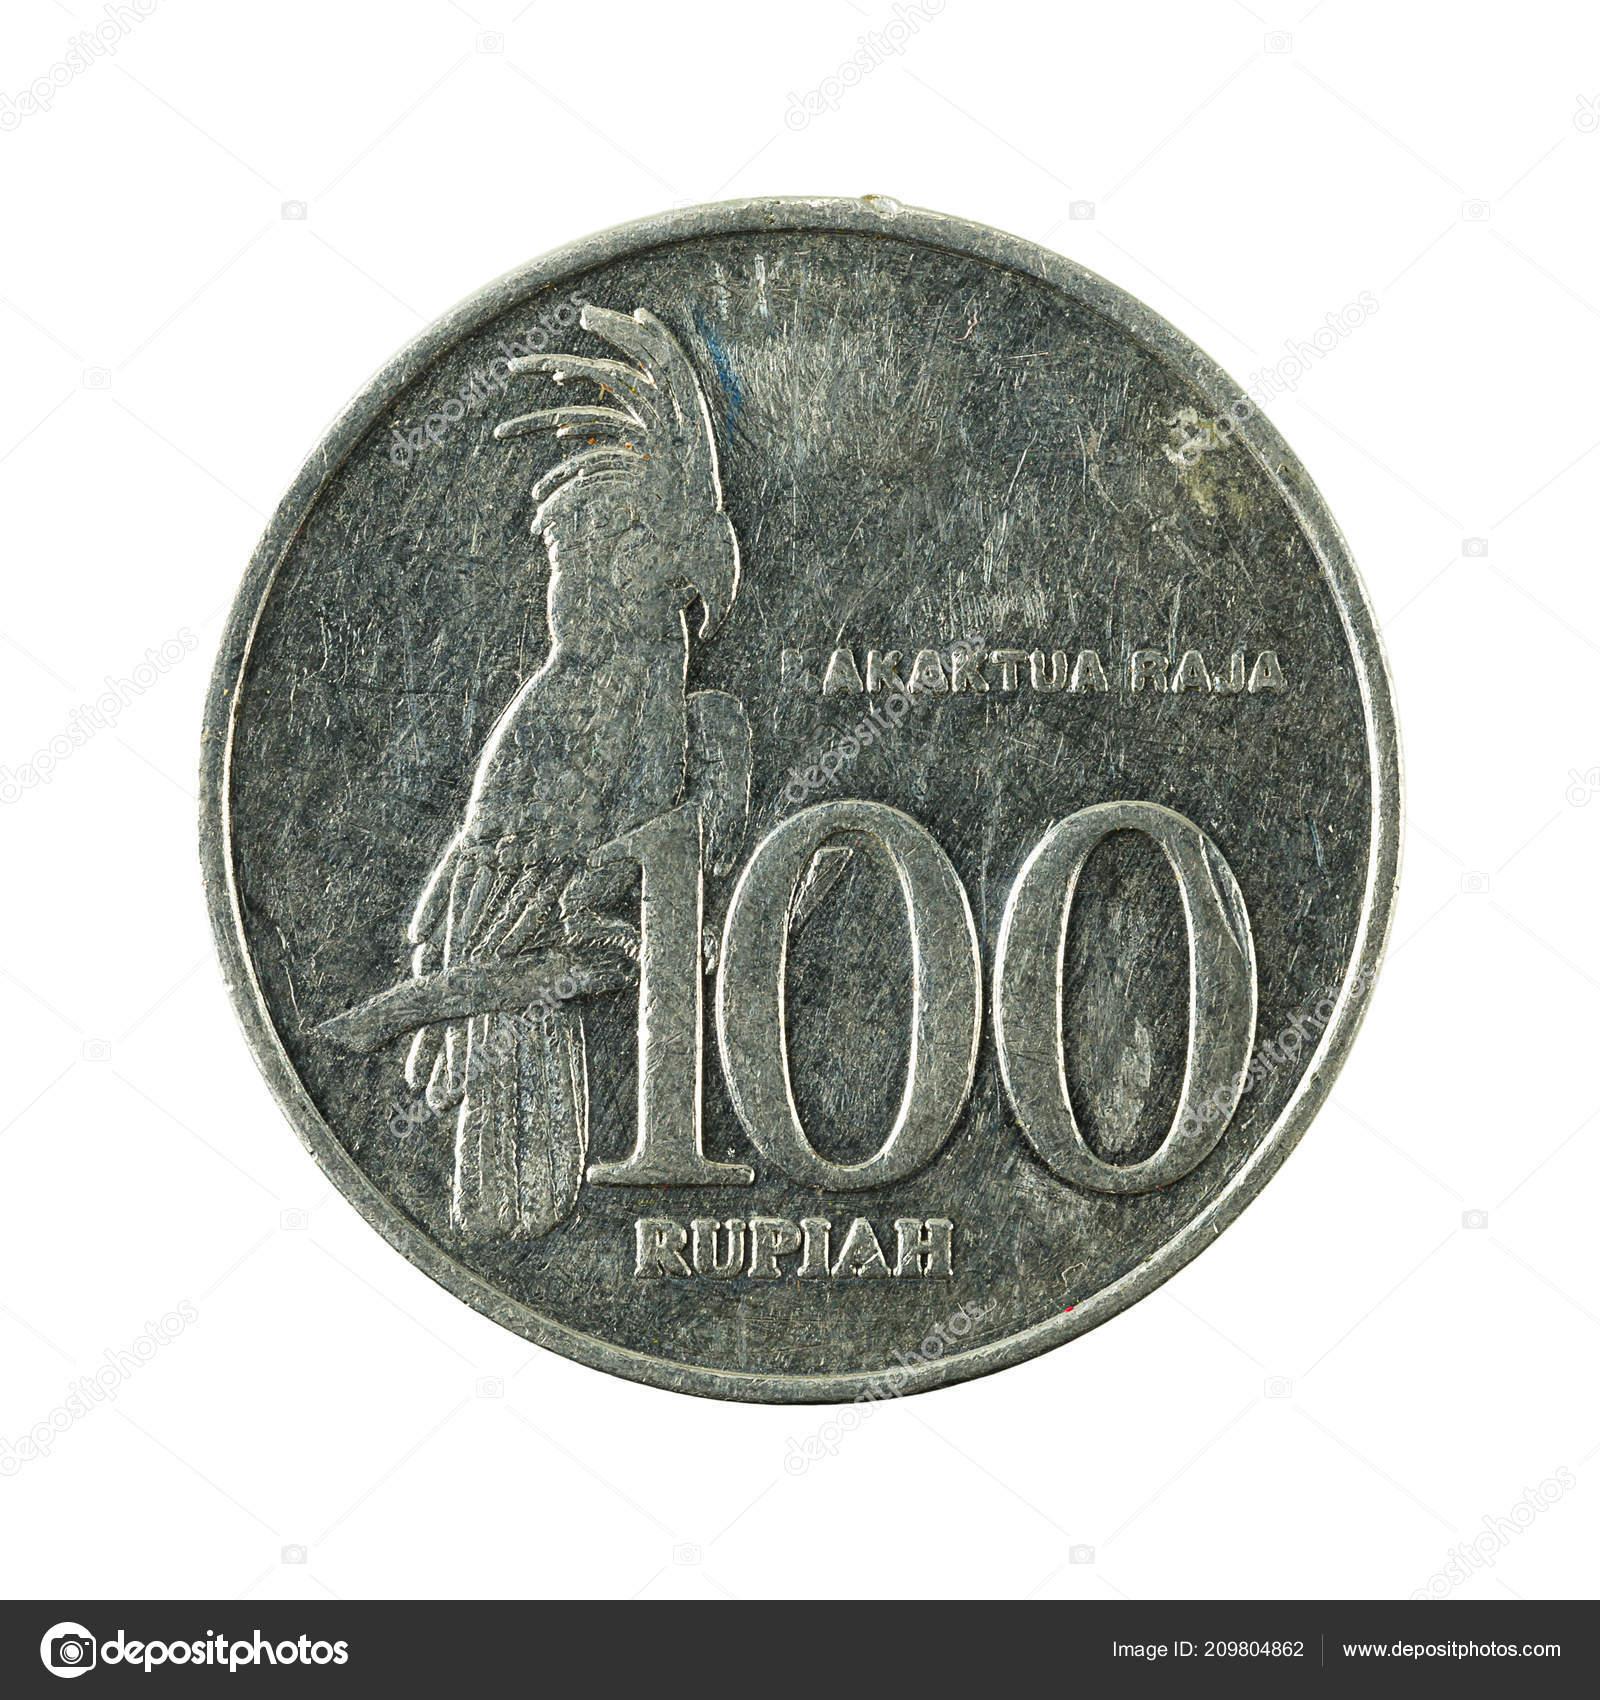 100 Indonesische Rupiah Münze 1999 Vorderseite Isoliert Auf Weißem